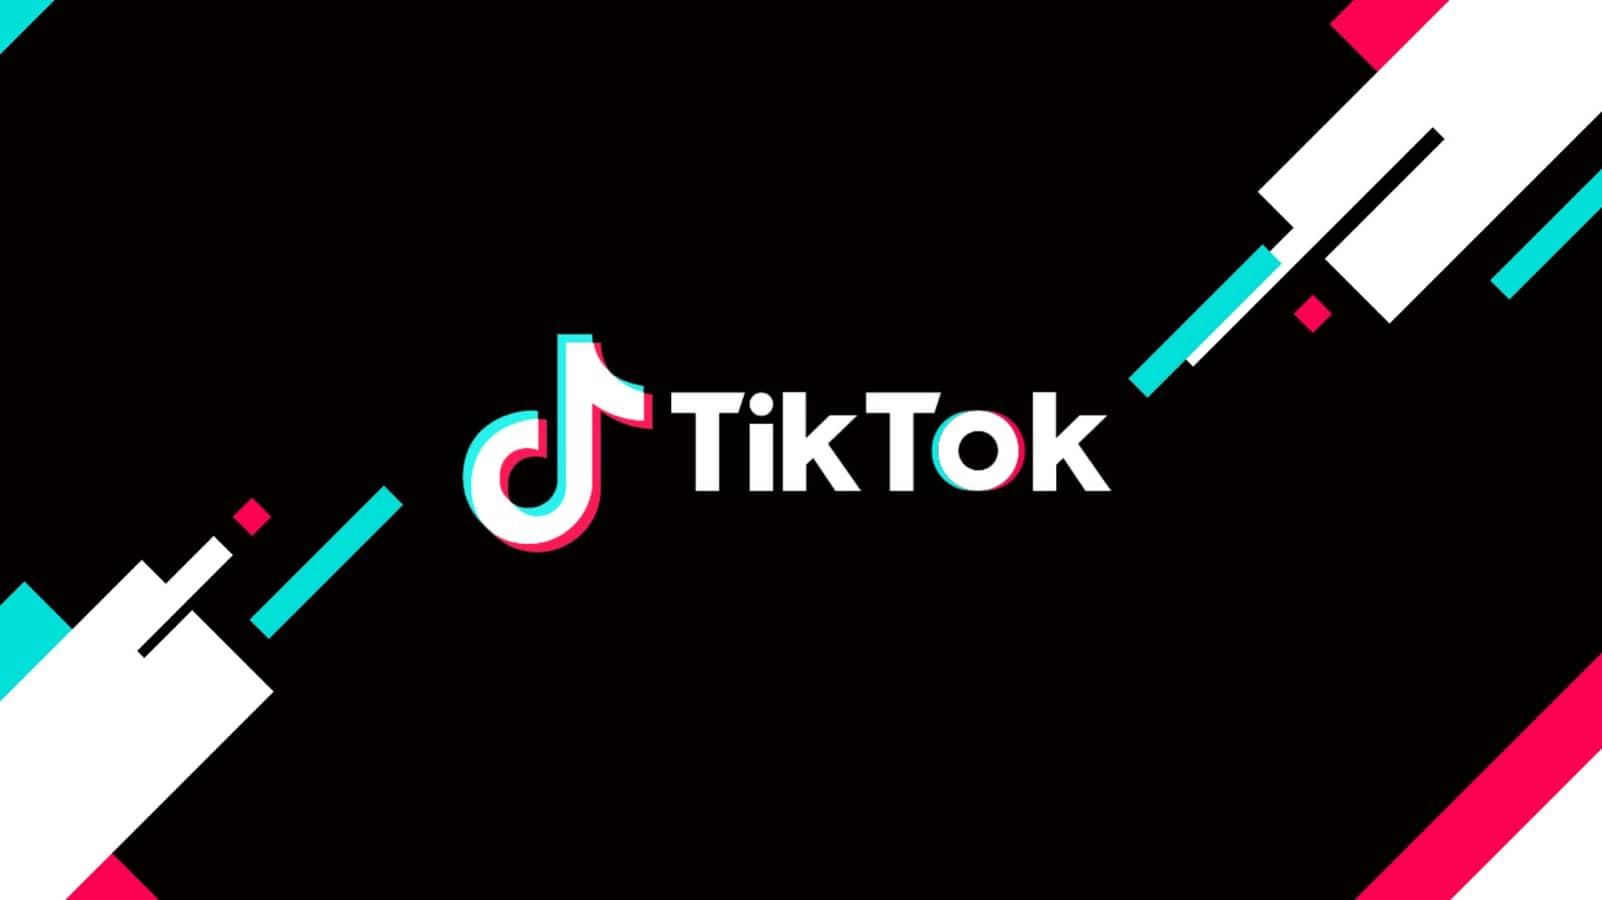 Fenômeno das redes, TikTok anuncia mais de 1 bilhão de usuários ativos